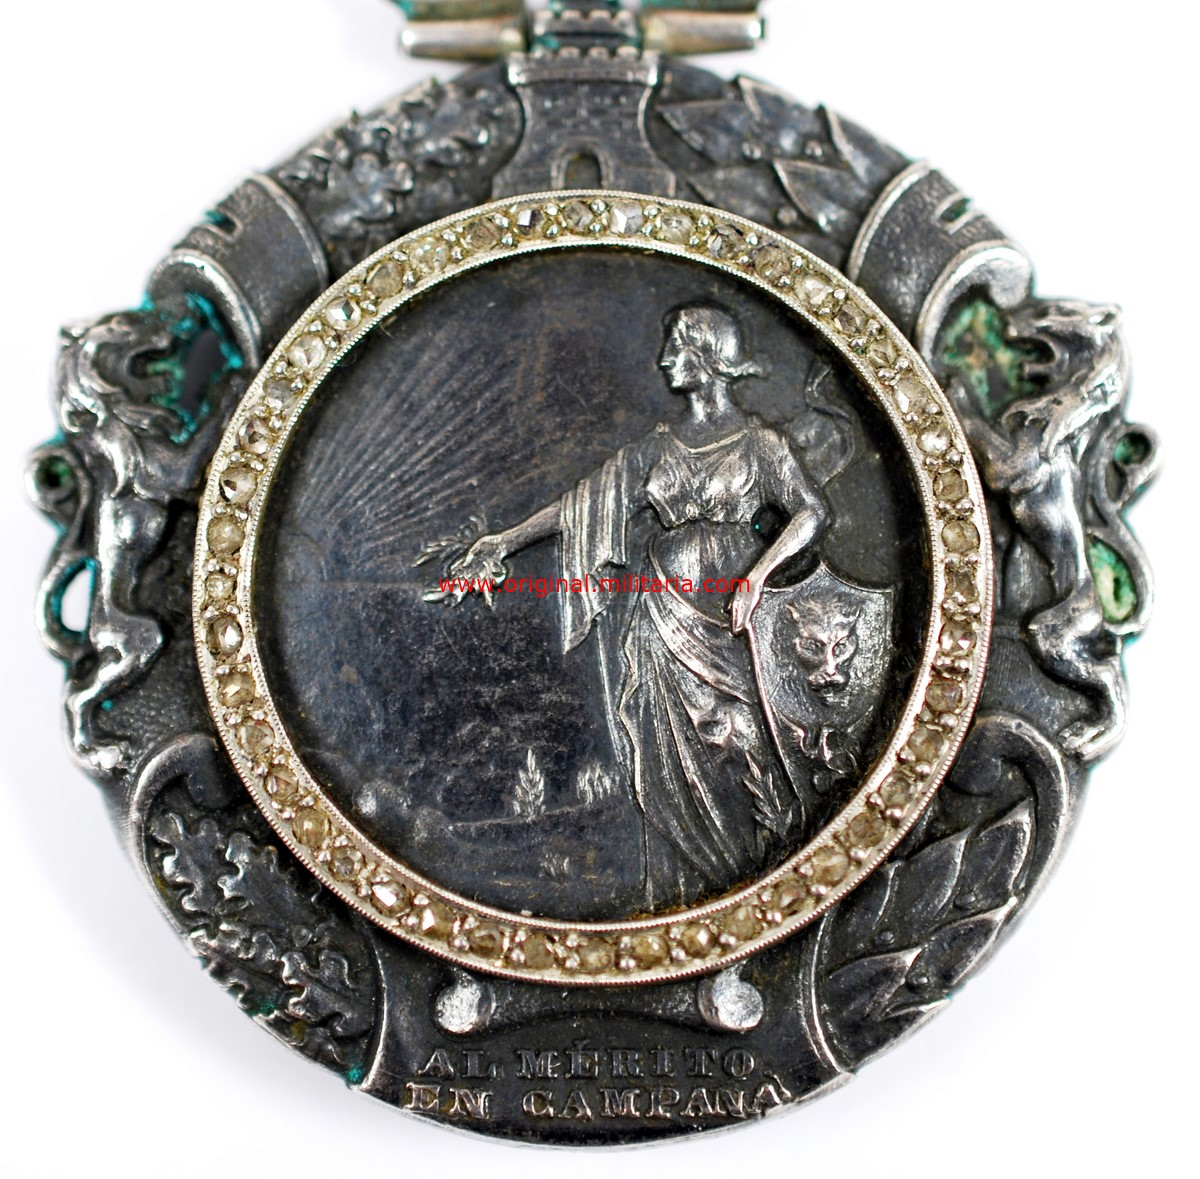 """Medalla Militar Individual del nuevo Estado Español (1938-1970). Plata, Brillantes y Oro, Manufactura """"CEJALVO""""."""